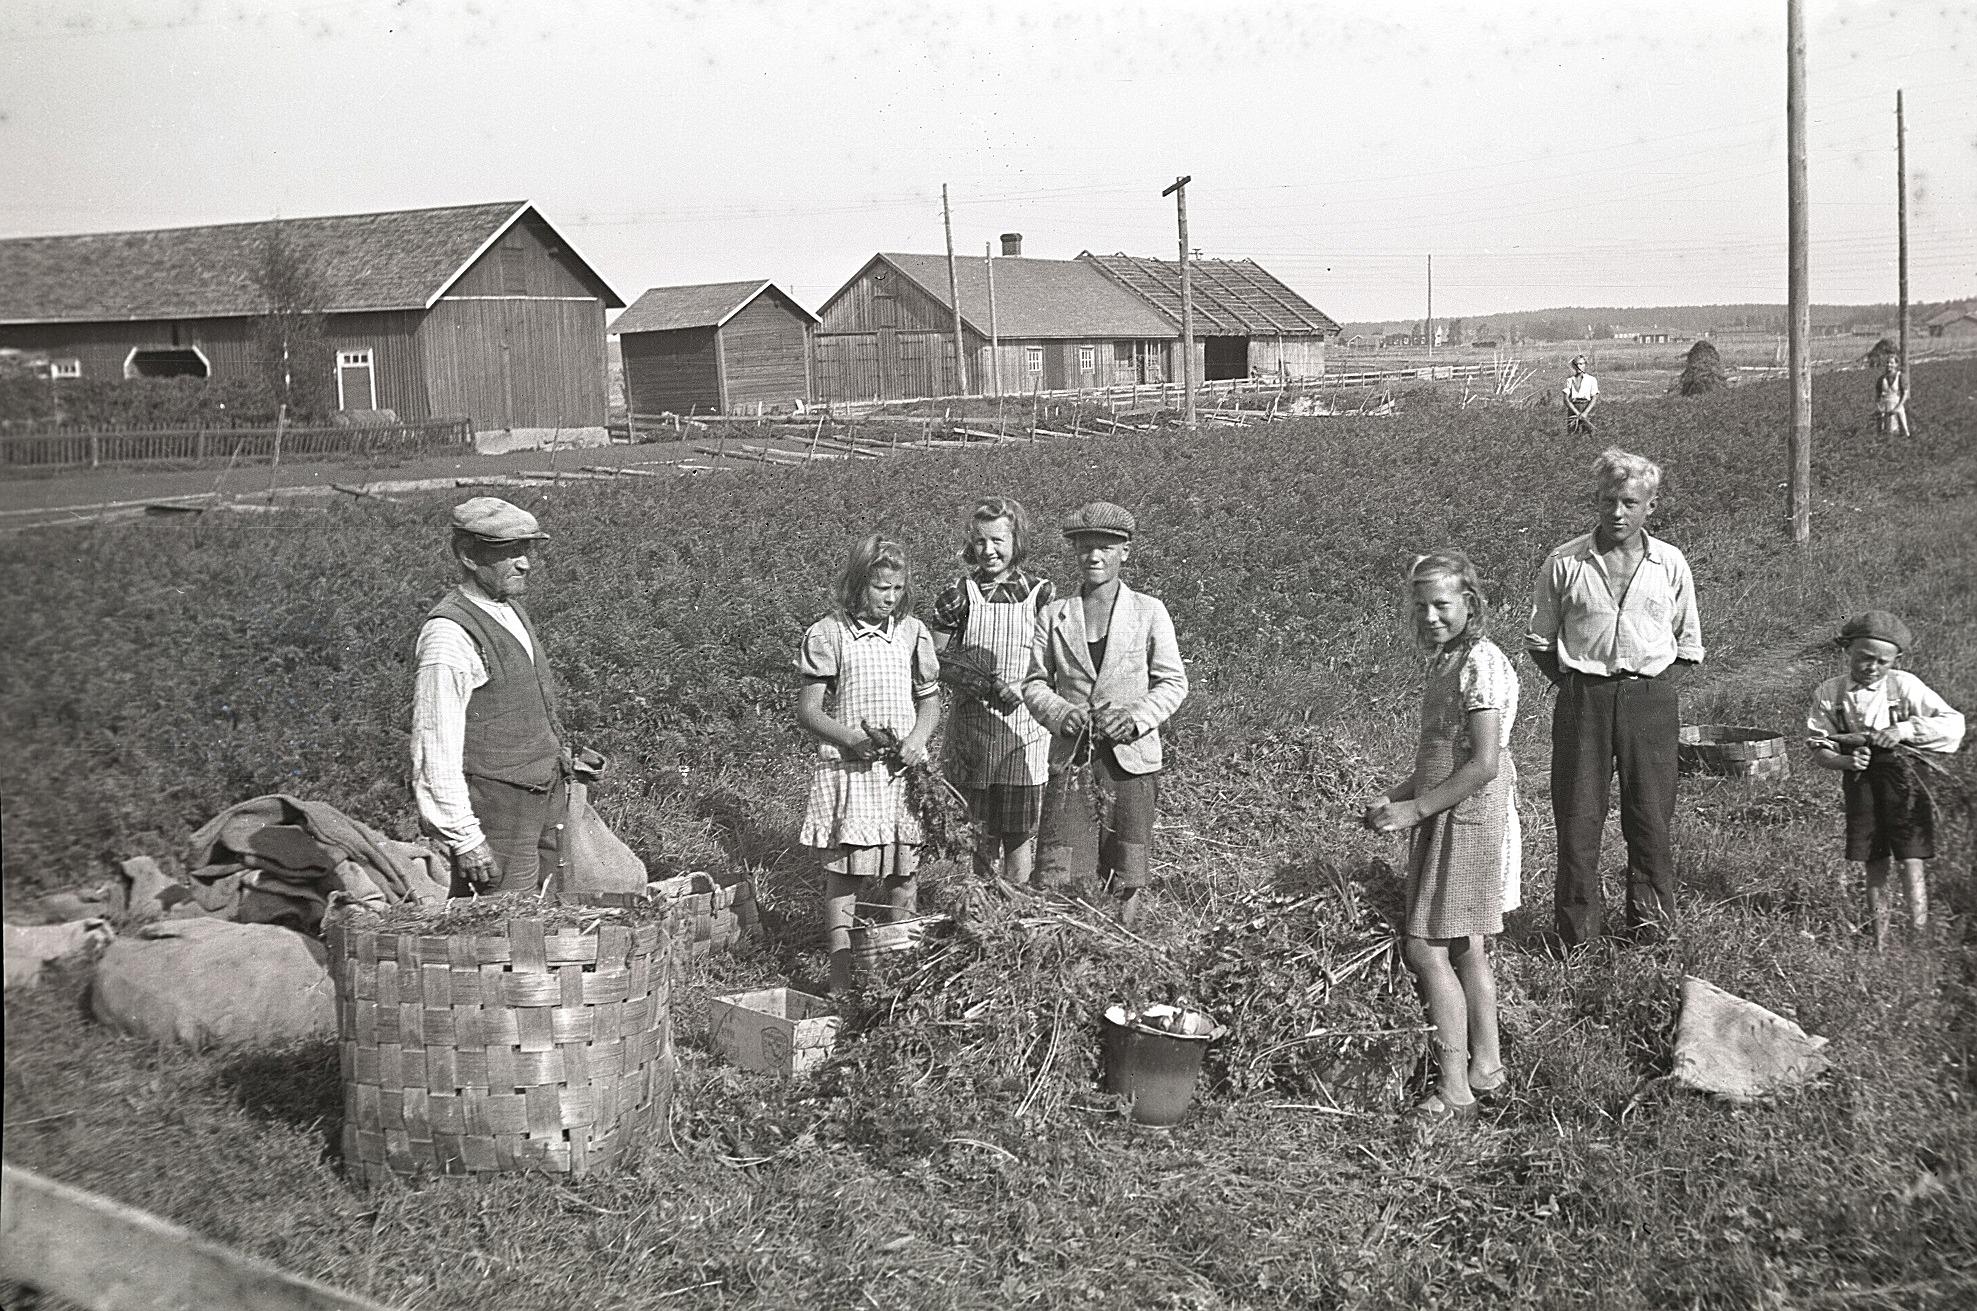 Viktor Ålgars (1871-1949) med många hjälpredor i morotslandet. Mitt i bild står sonen Kurt (f.1926) och med händerna på ryggen står Åke (f.1924) och längst till höger Johan (f.1929). Längst bak i åkern står dottern Agnes (f. 1917). De övriga flickorna tillsvidare okända. Artur Hellmans uthus och ria syns till vänster.